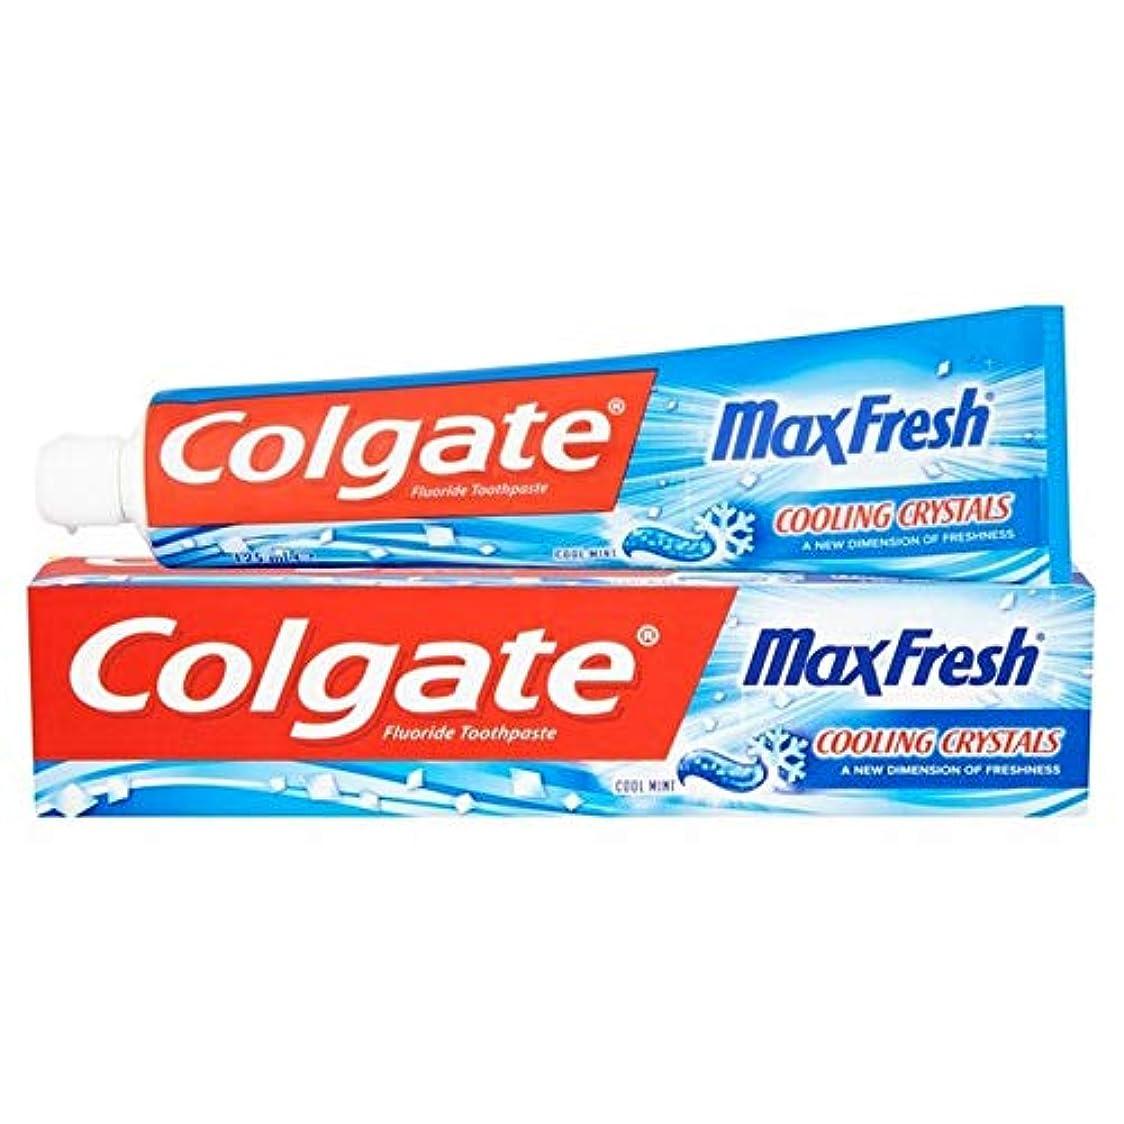 ファイター進化感じる[Colgate ] 冷却結晶歯磨き粉の125ミリリットル新鮮なコルゲートマックス - Colgate Max Fresh with Cooling Crystals Toothpaste 125ml [並行輸入品]